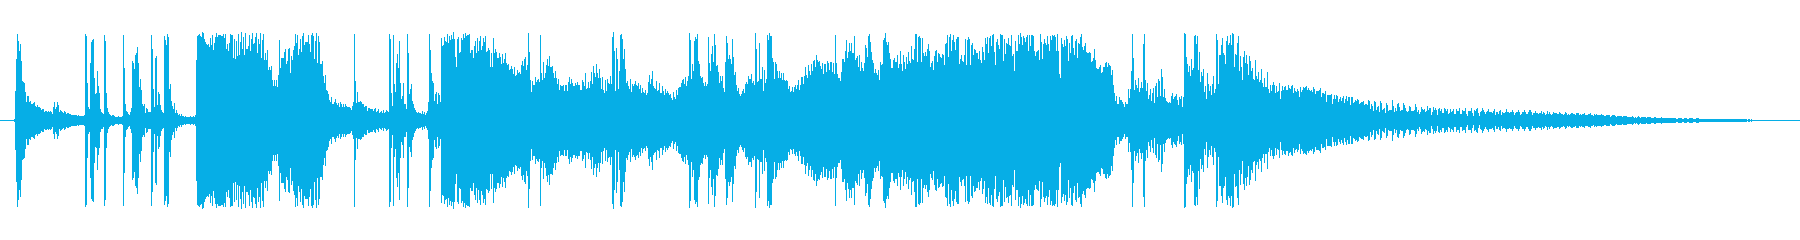 シネマティック フラメンコの再生済みの波形